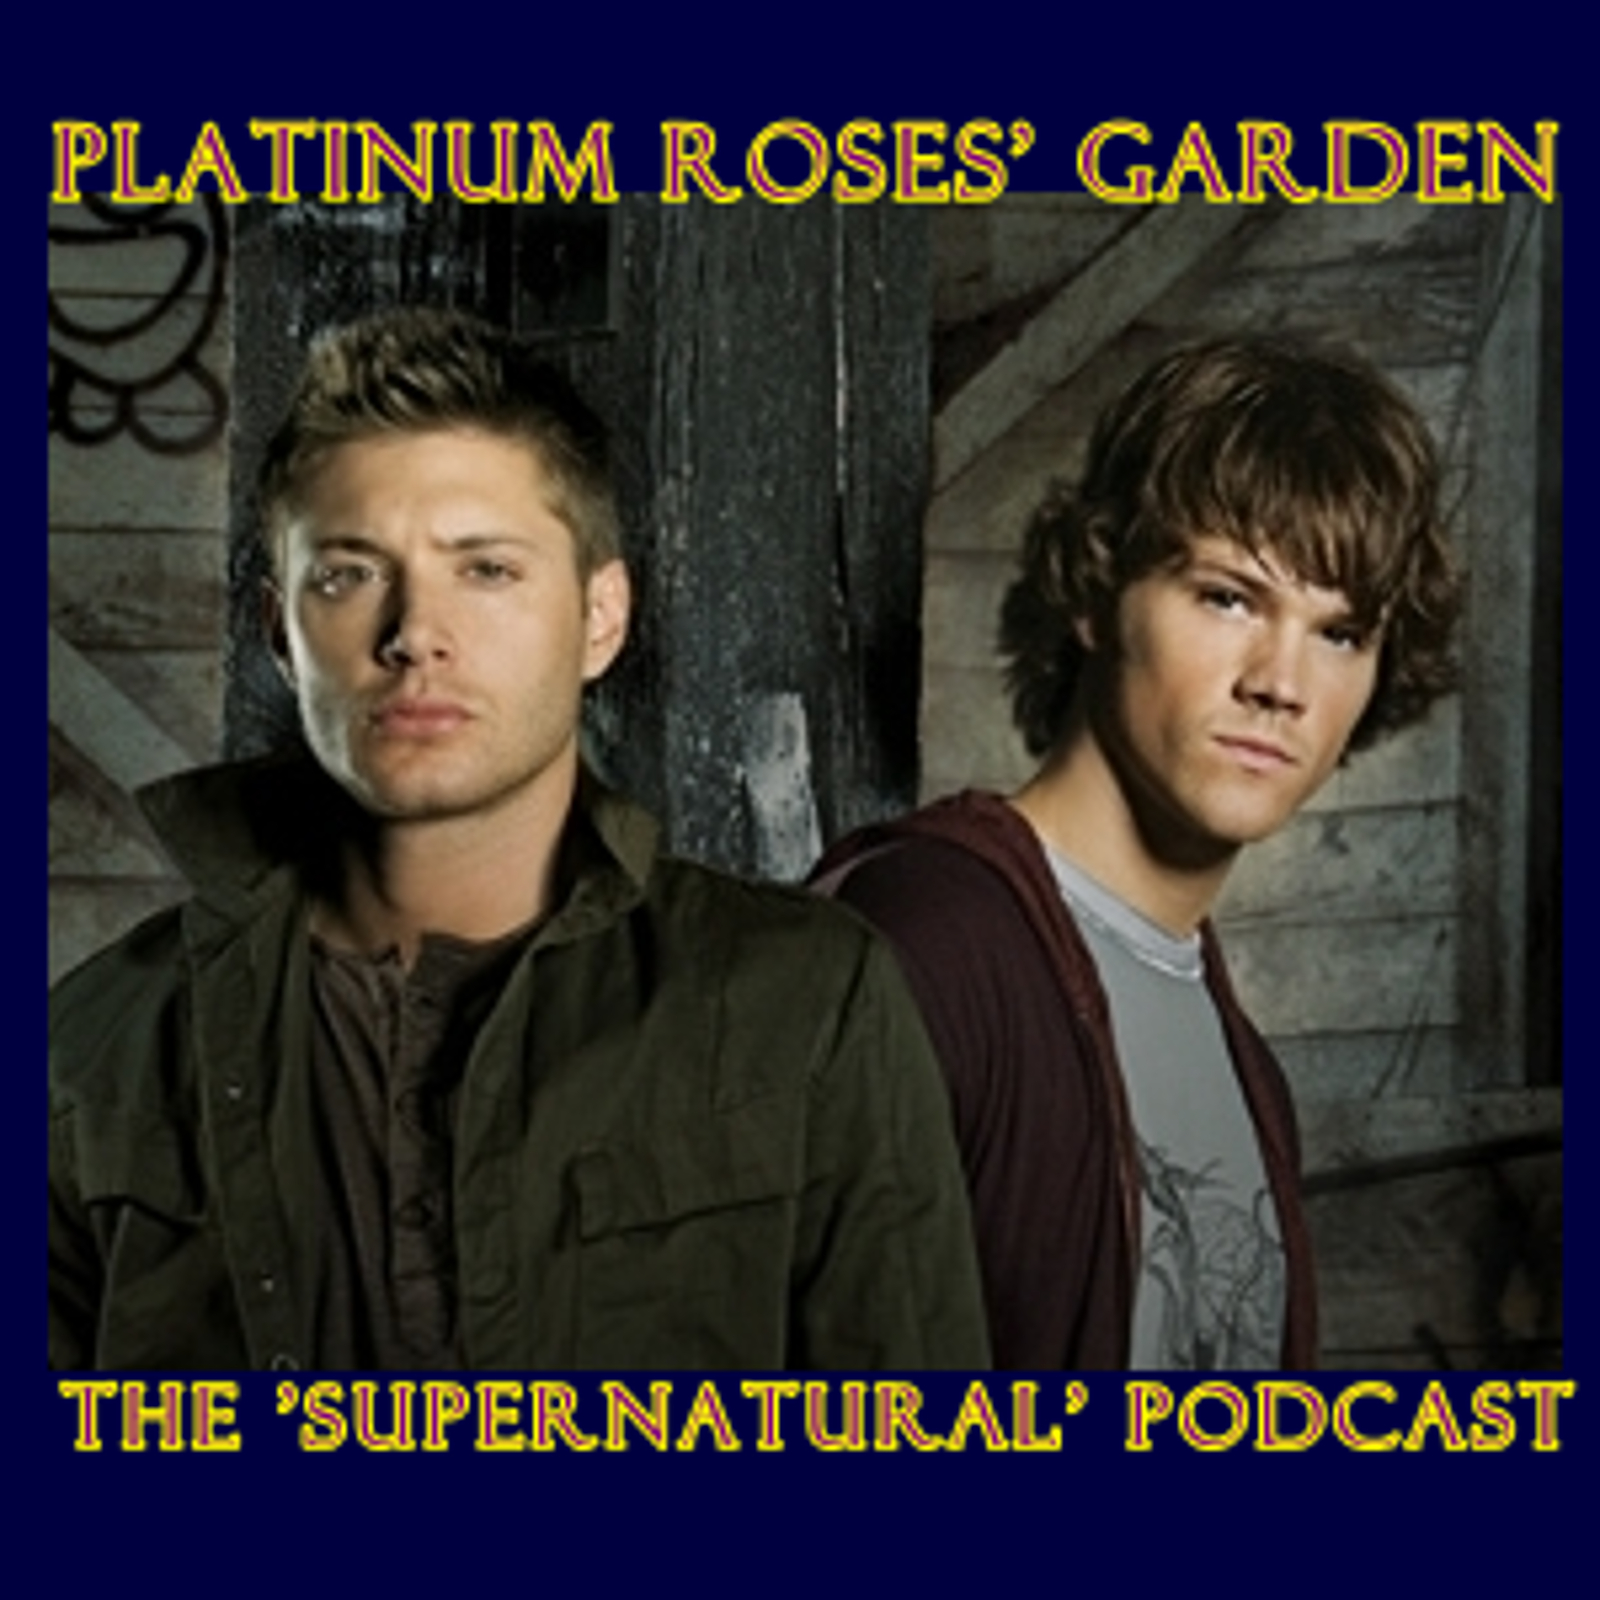 Artwork for Platinum Roses' Garden - October 24, 2010